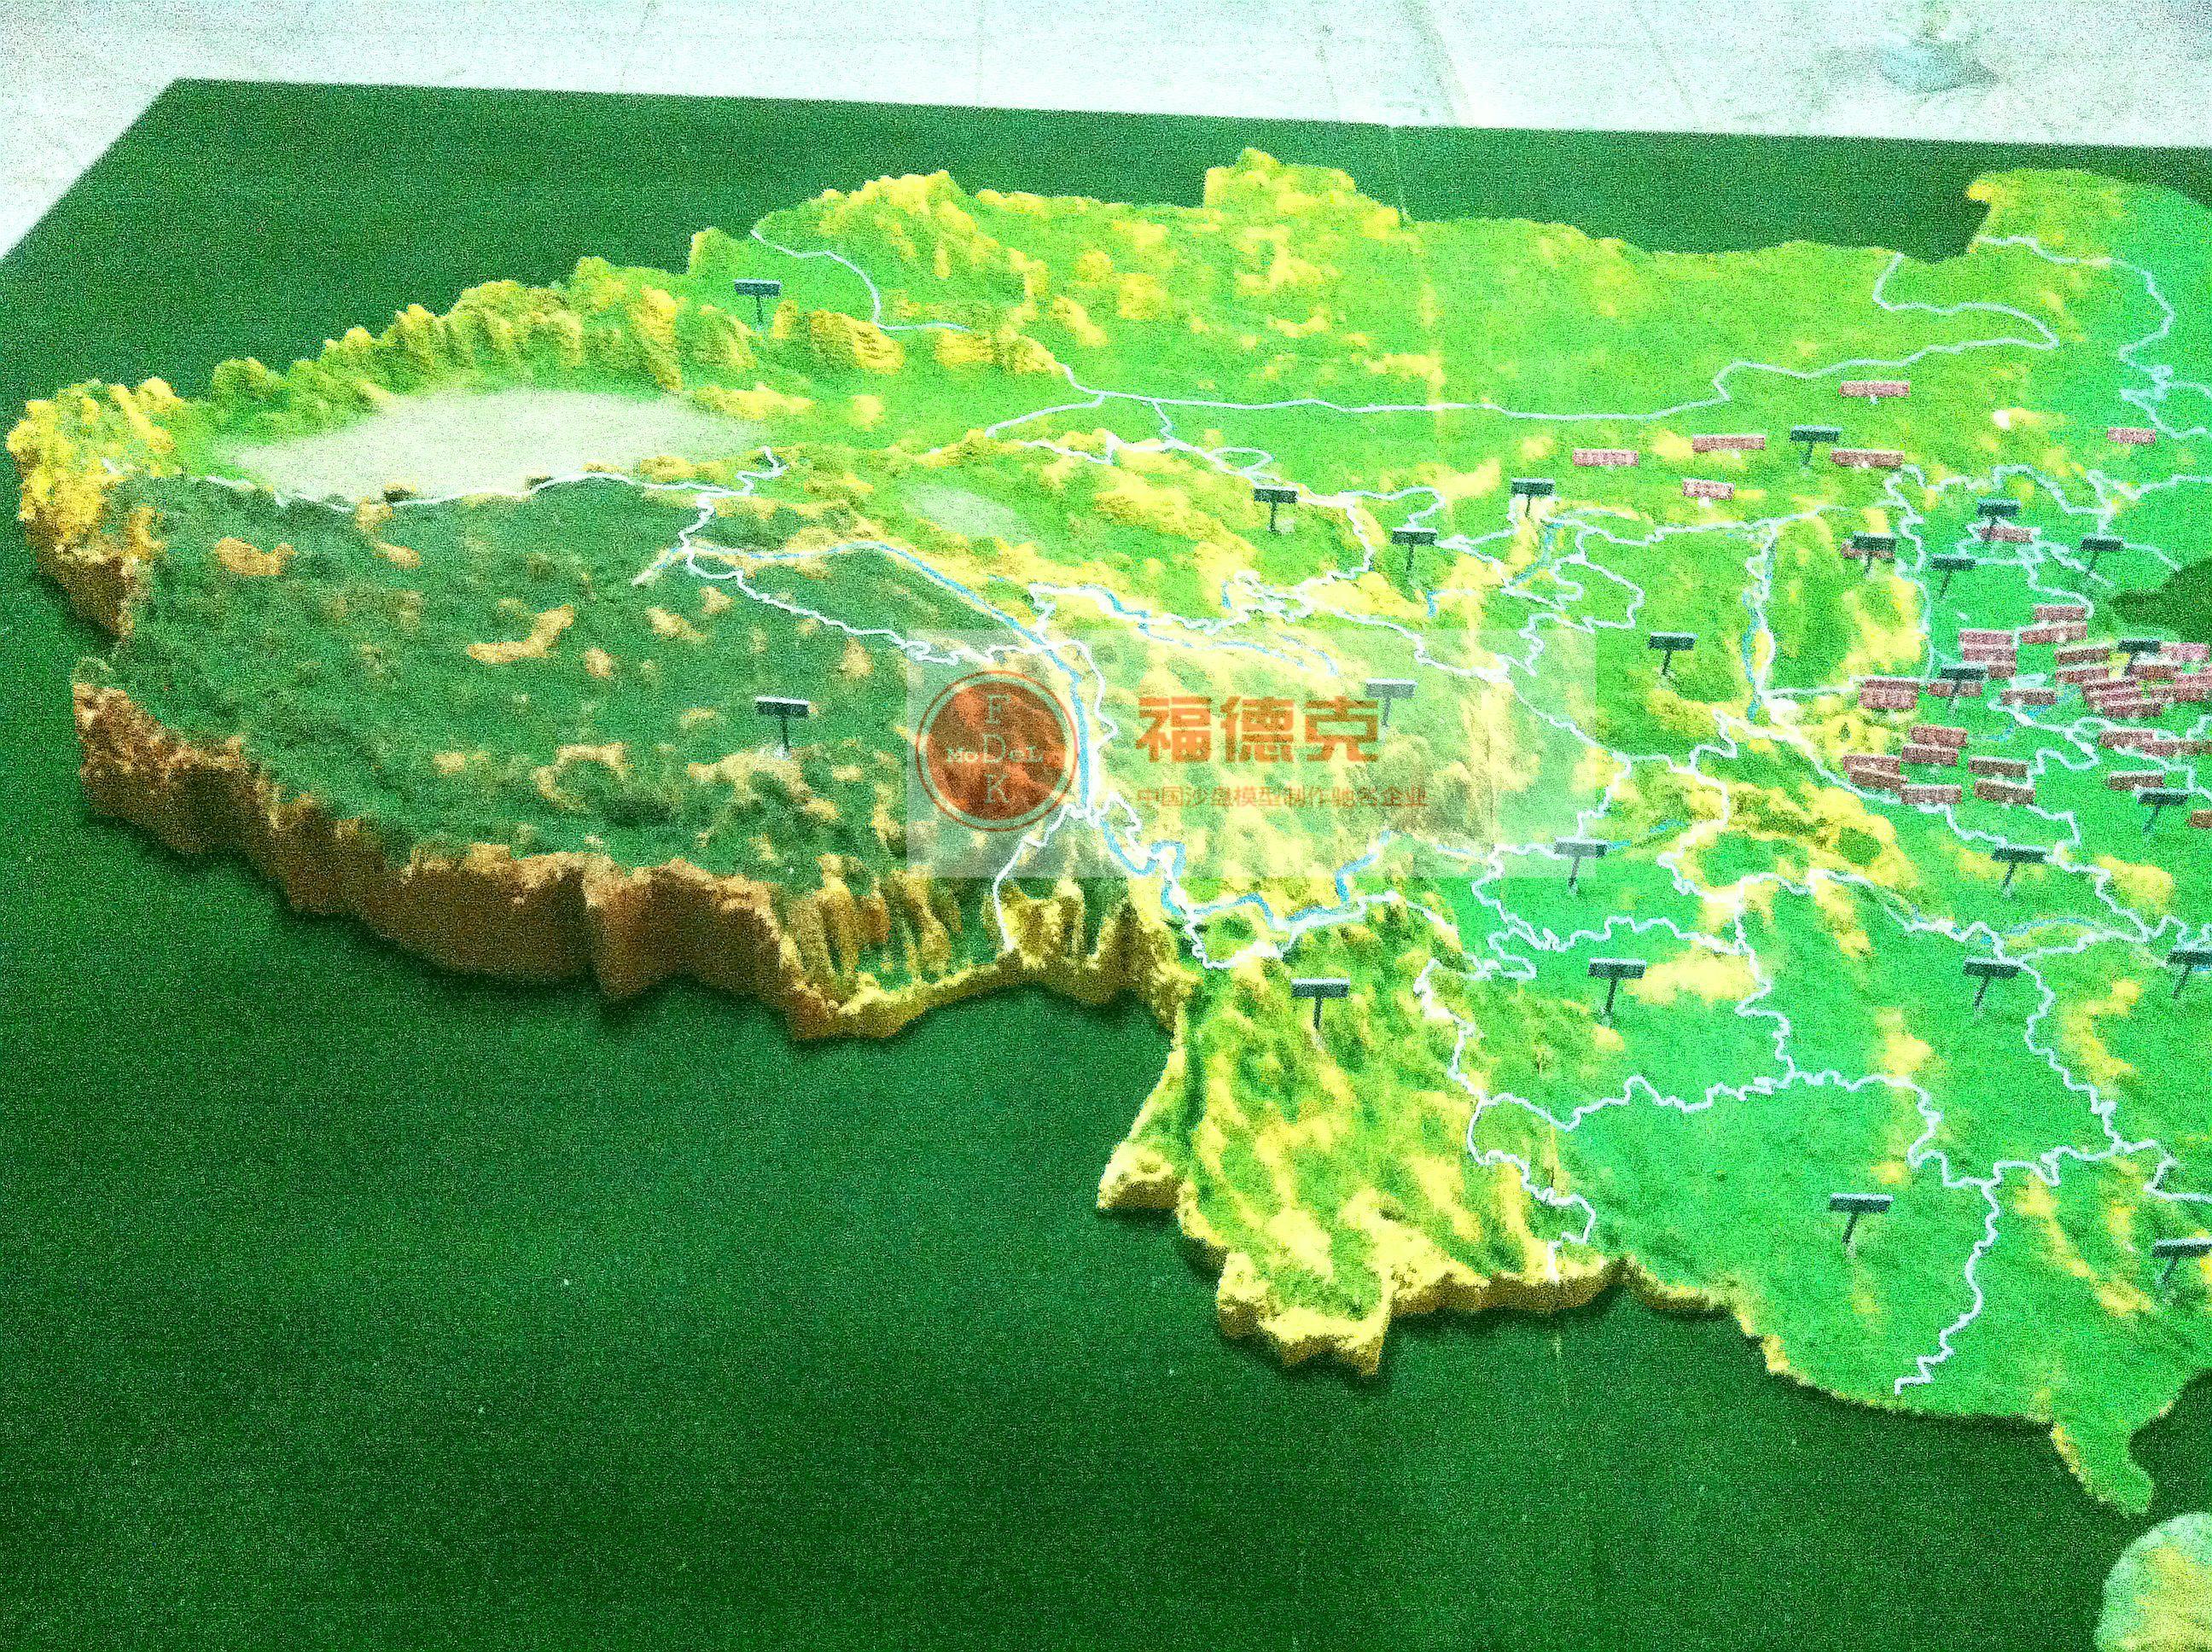 中国沙盘立体地形图_中国地图卫星地图高清图片